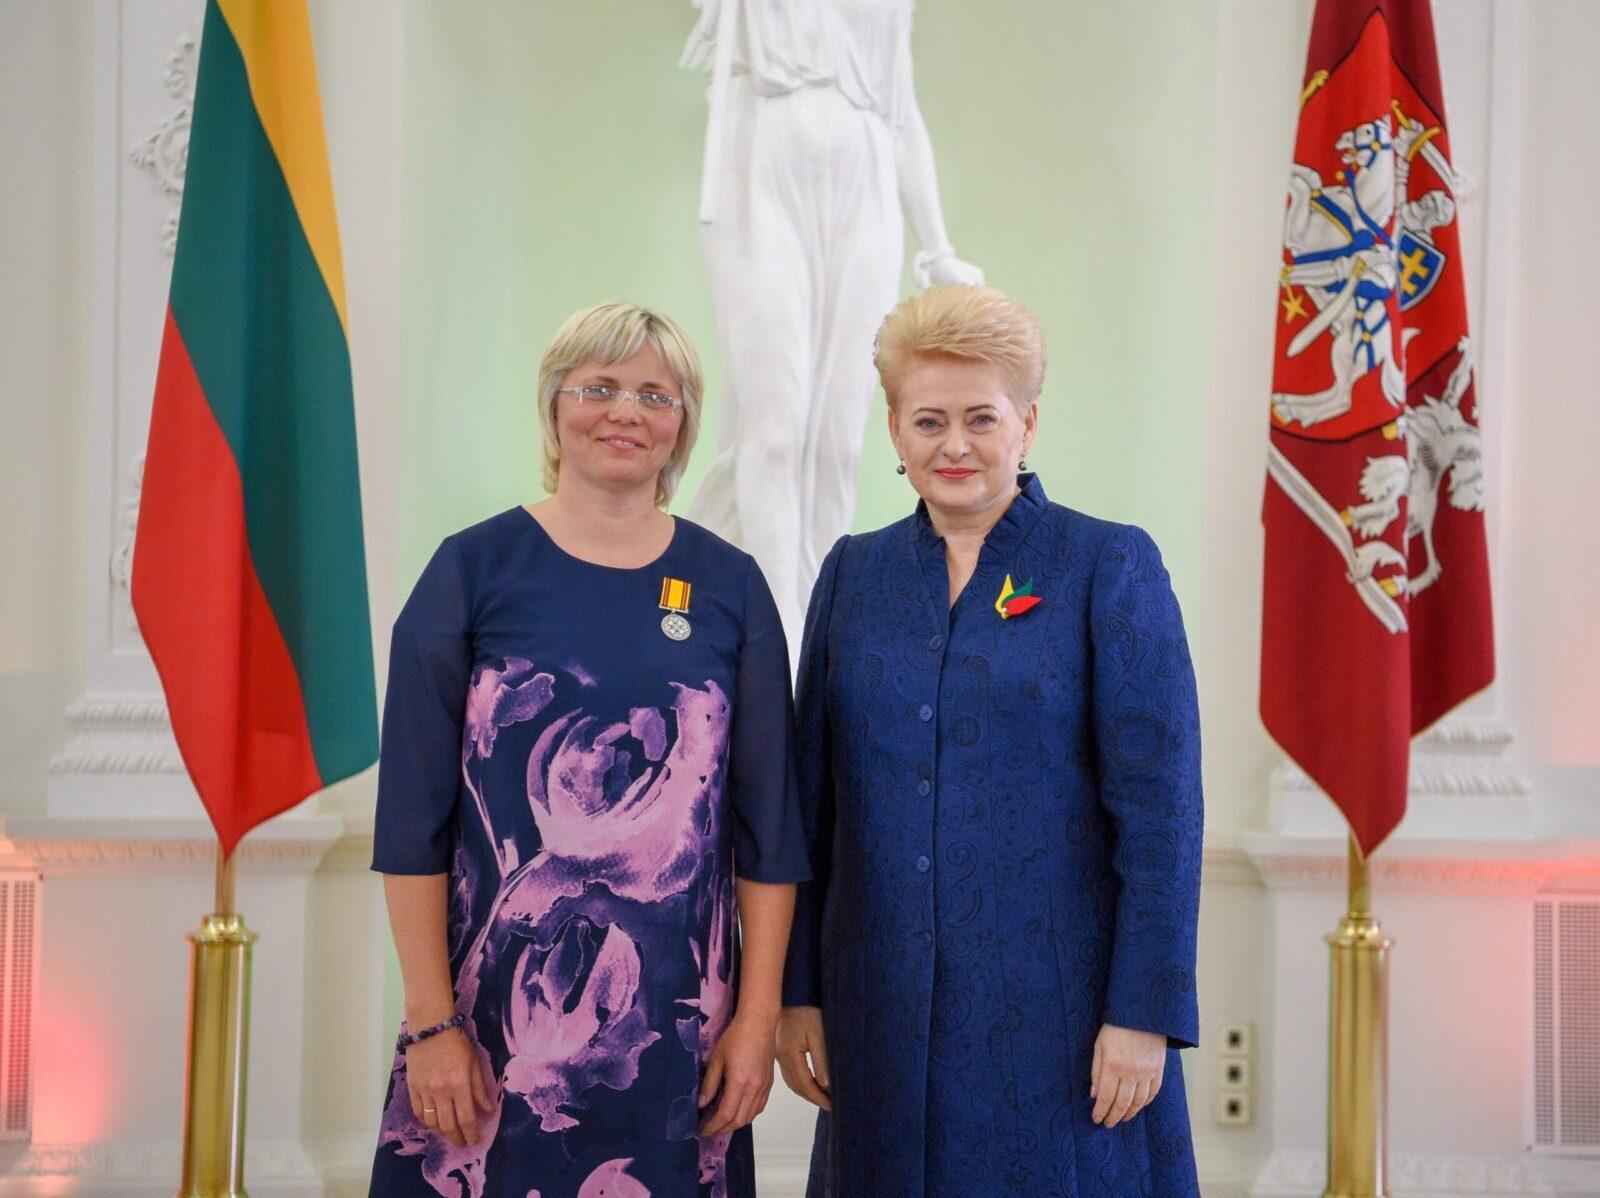 Už tai, kad padėjo nuslėpti Dalios Grybauskaitės nusikaltimus,  J.Damulytei įteiktas Gedimino ordino medalis